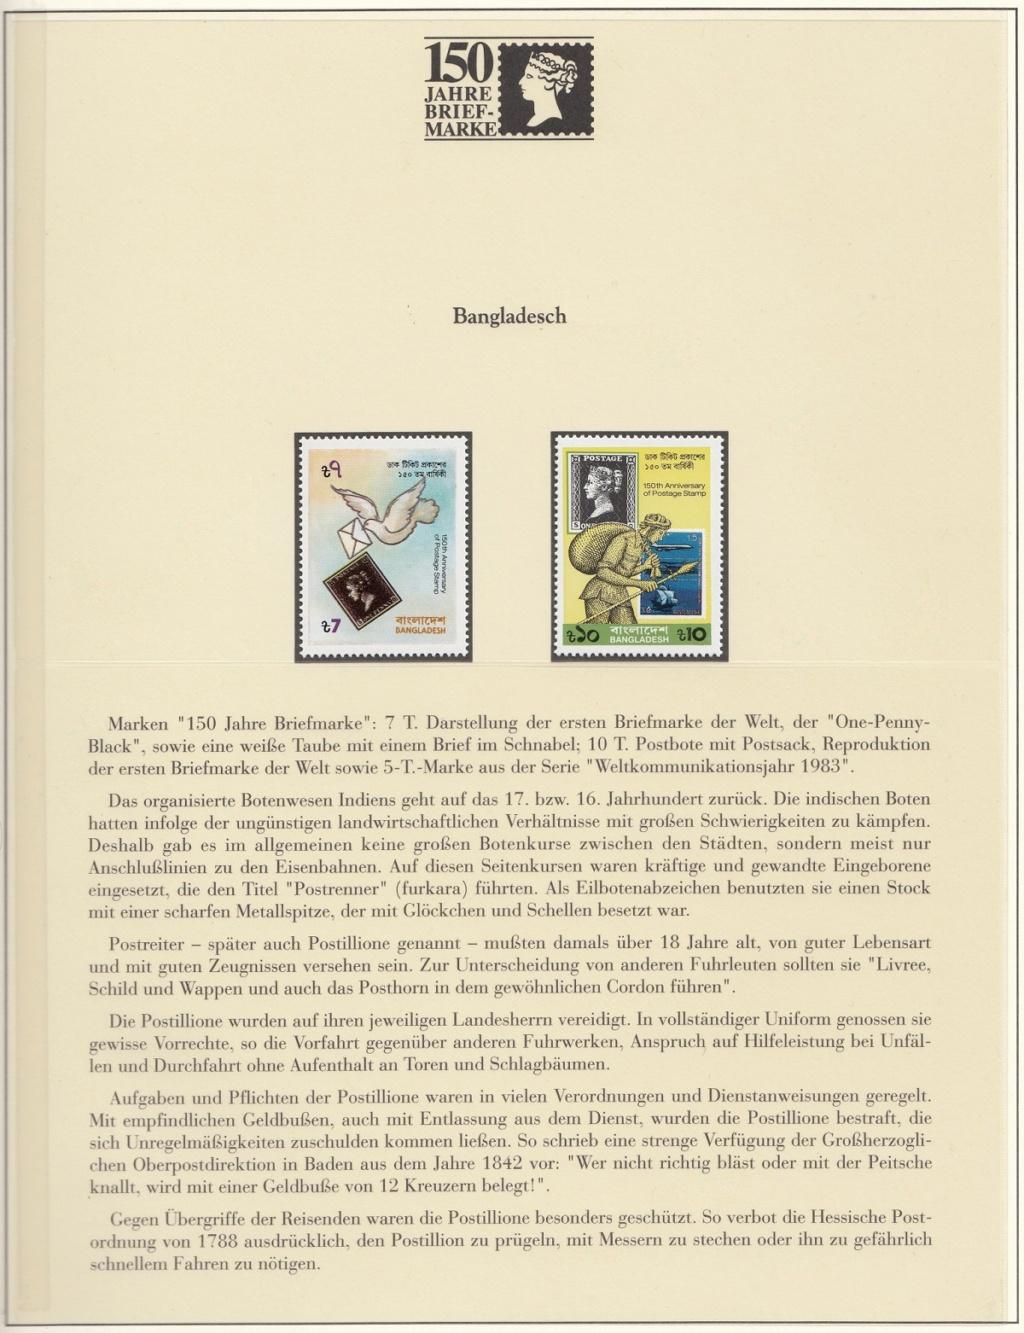 180 Jahre Briefmarke 150-1110